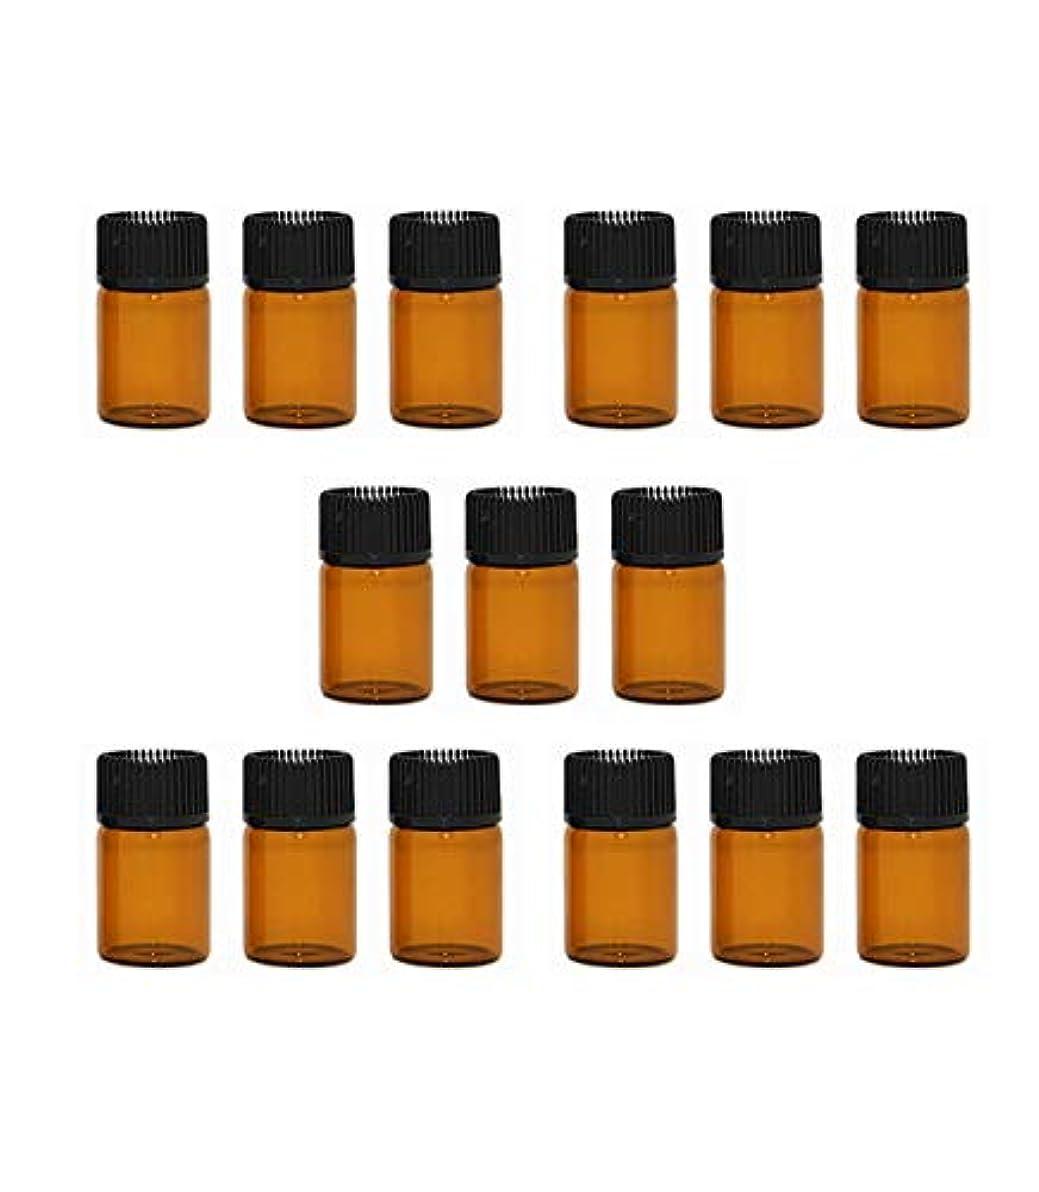 八百屋さん弾丸算術精油 小分け用 ボトル オイル 用 茶色 瓶 アロマオイル 遮光瓶 エッセンシャルオイル 保存瓶 2ml 15本セット